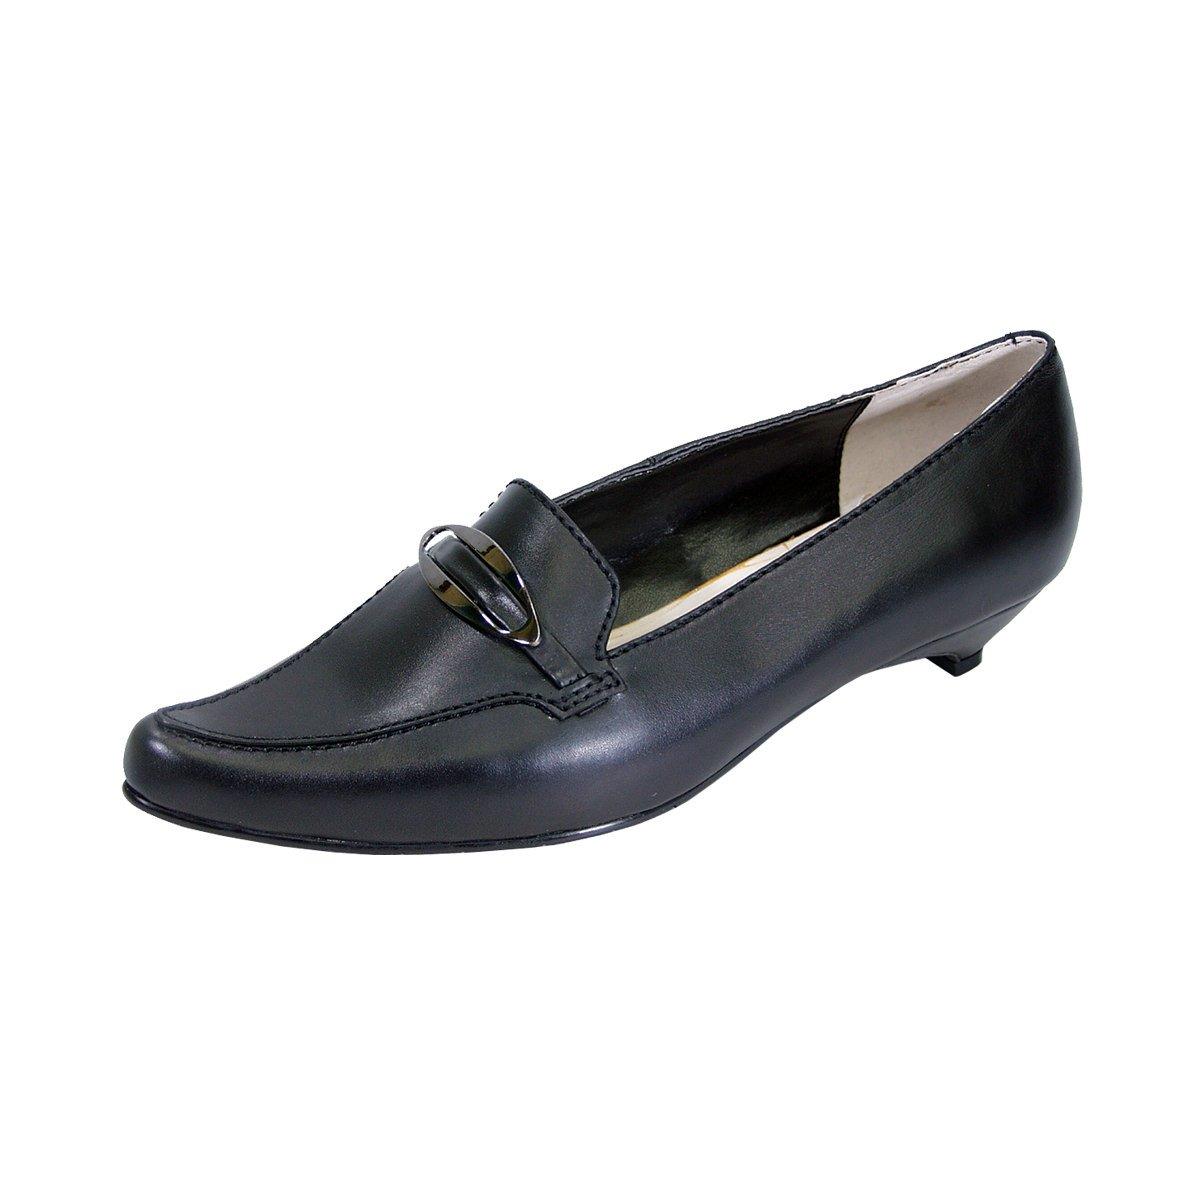 Peerage Louise Women Wide Width Smart Casual Leather Flat Pumps with Kitten Heels (Size/Measurement) B079TDJZLK 6 E|Black